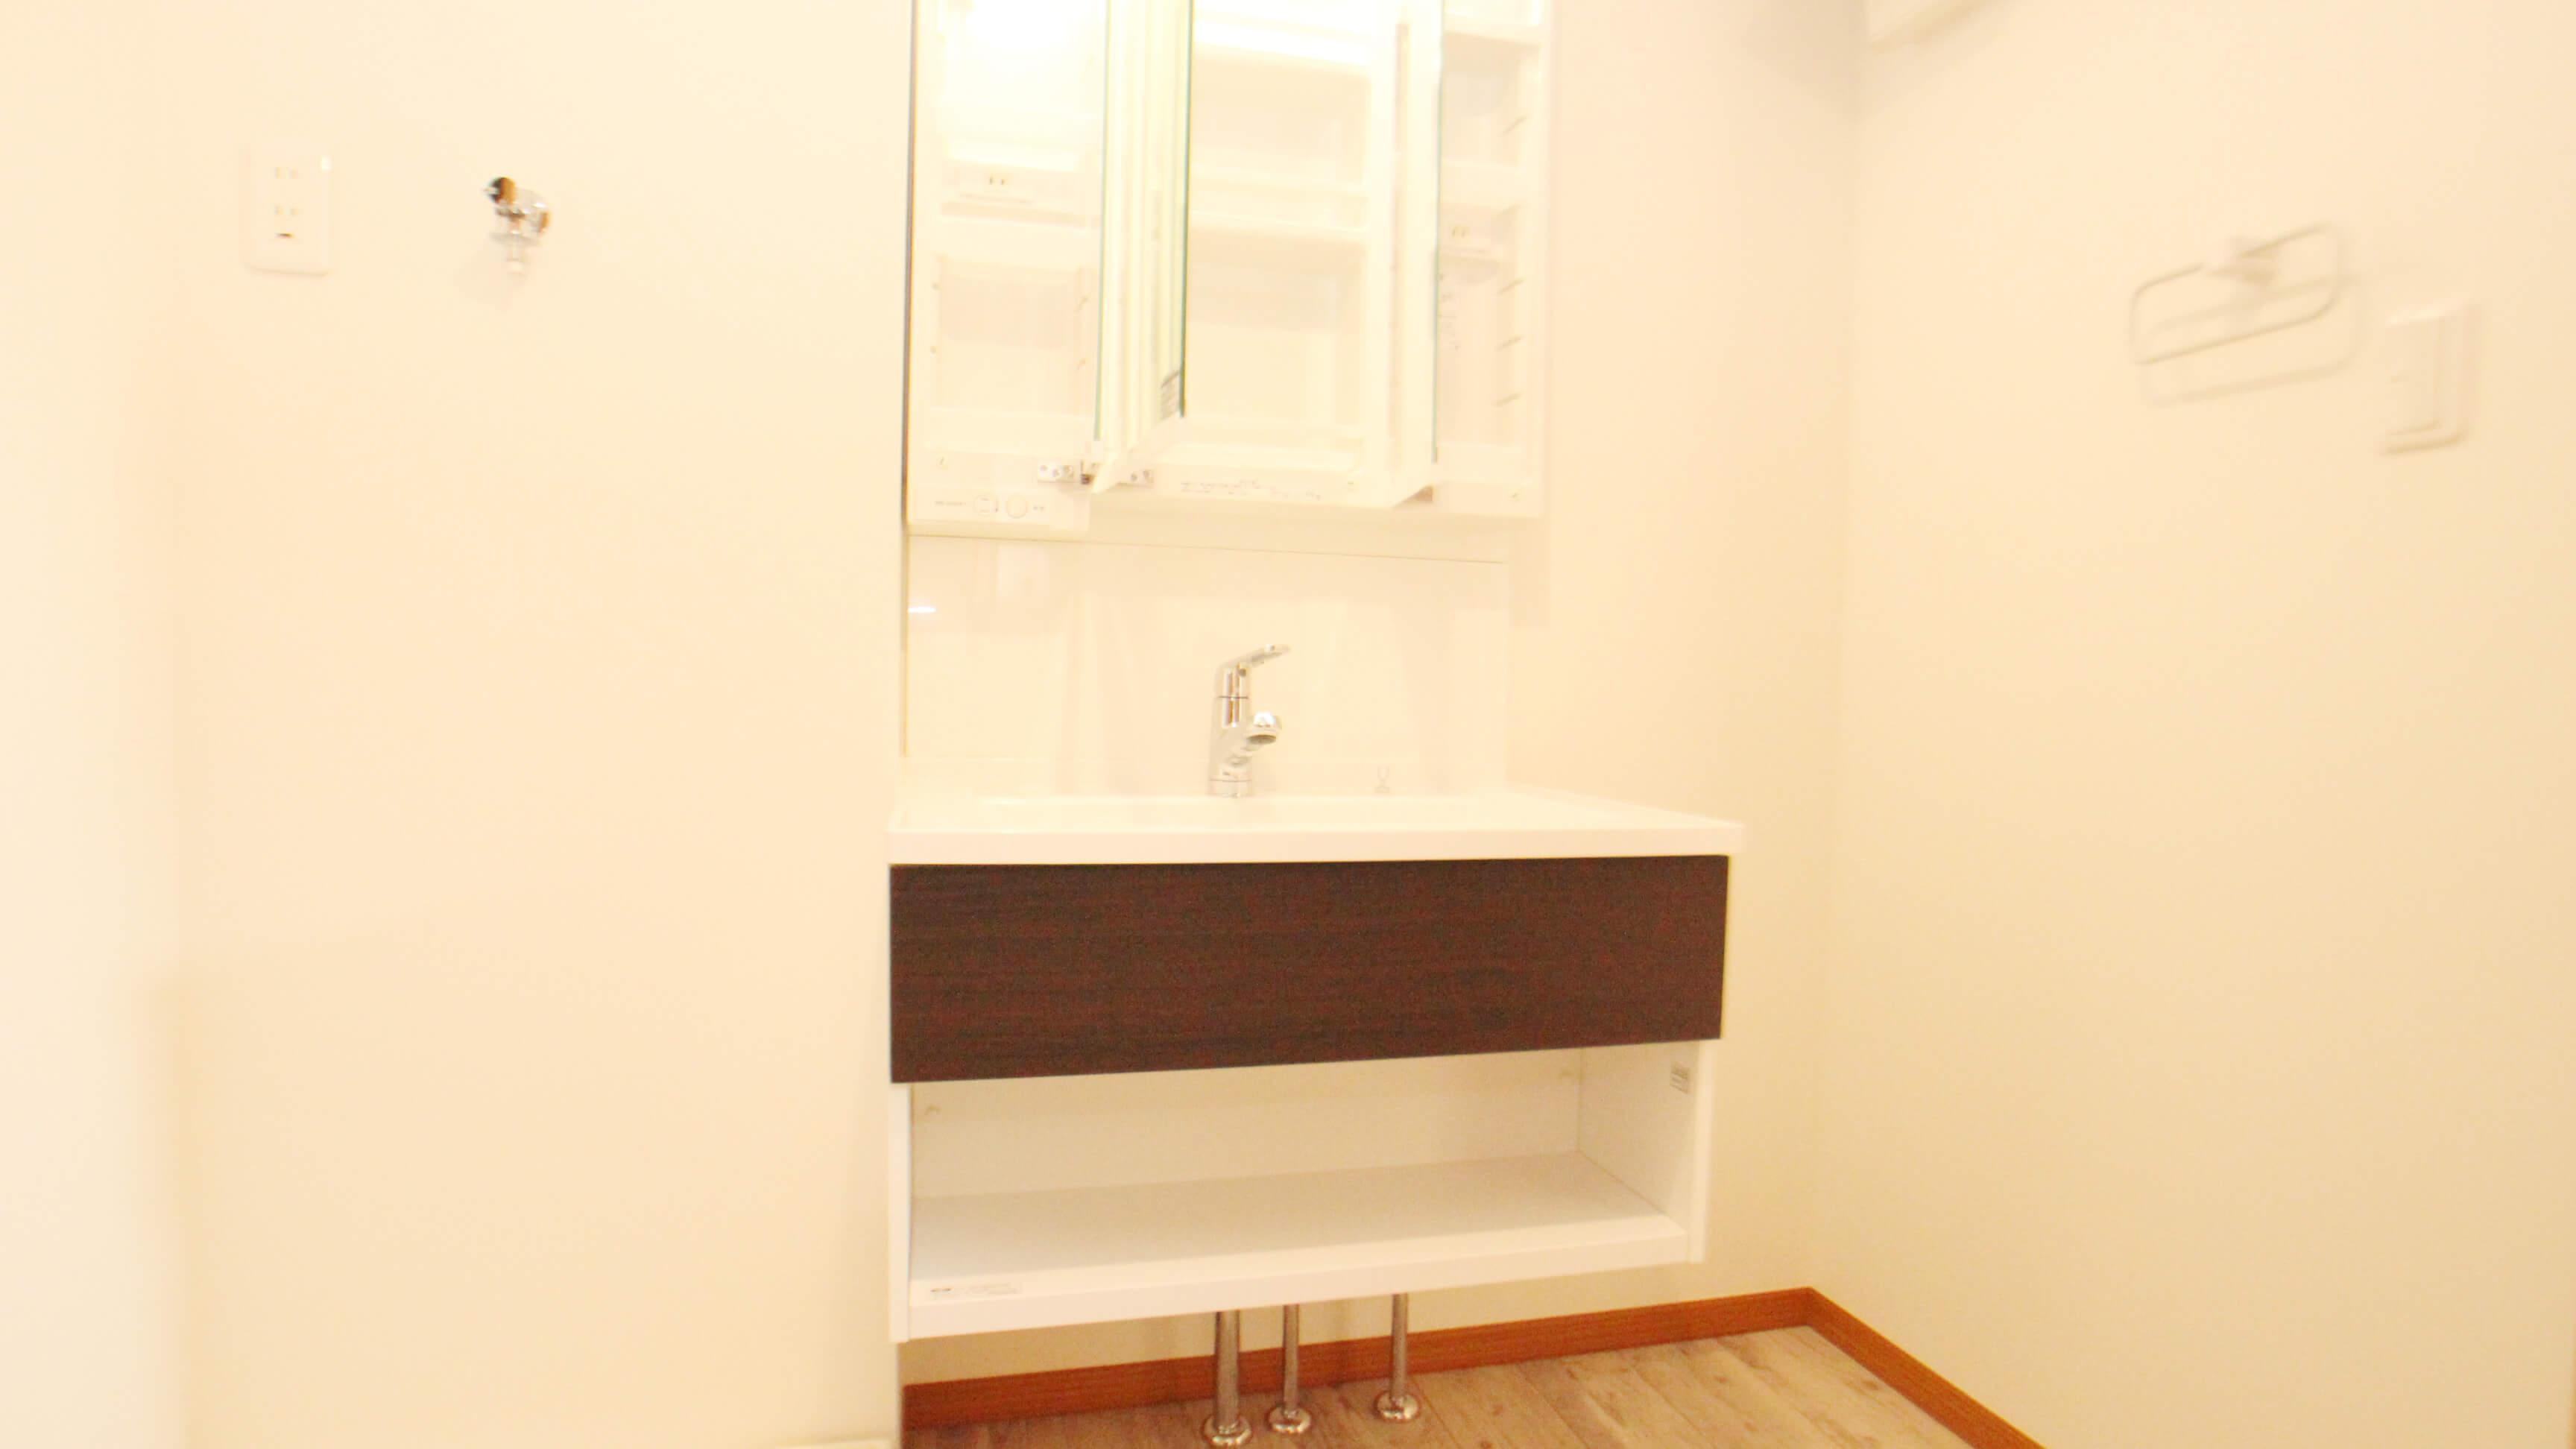 空間を広めに取った水回り。猫さんのトイレは、2個ぶん程のスペースがありますよ!洗面台鏡の裏は収納です。たくさんしまえるのでスッキリ使えます。